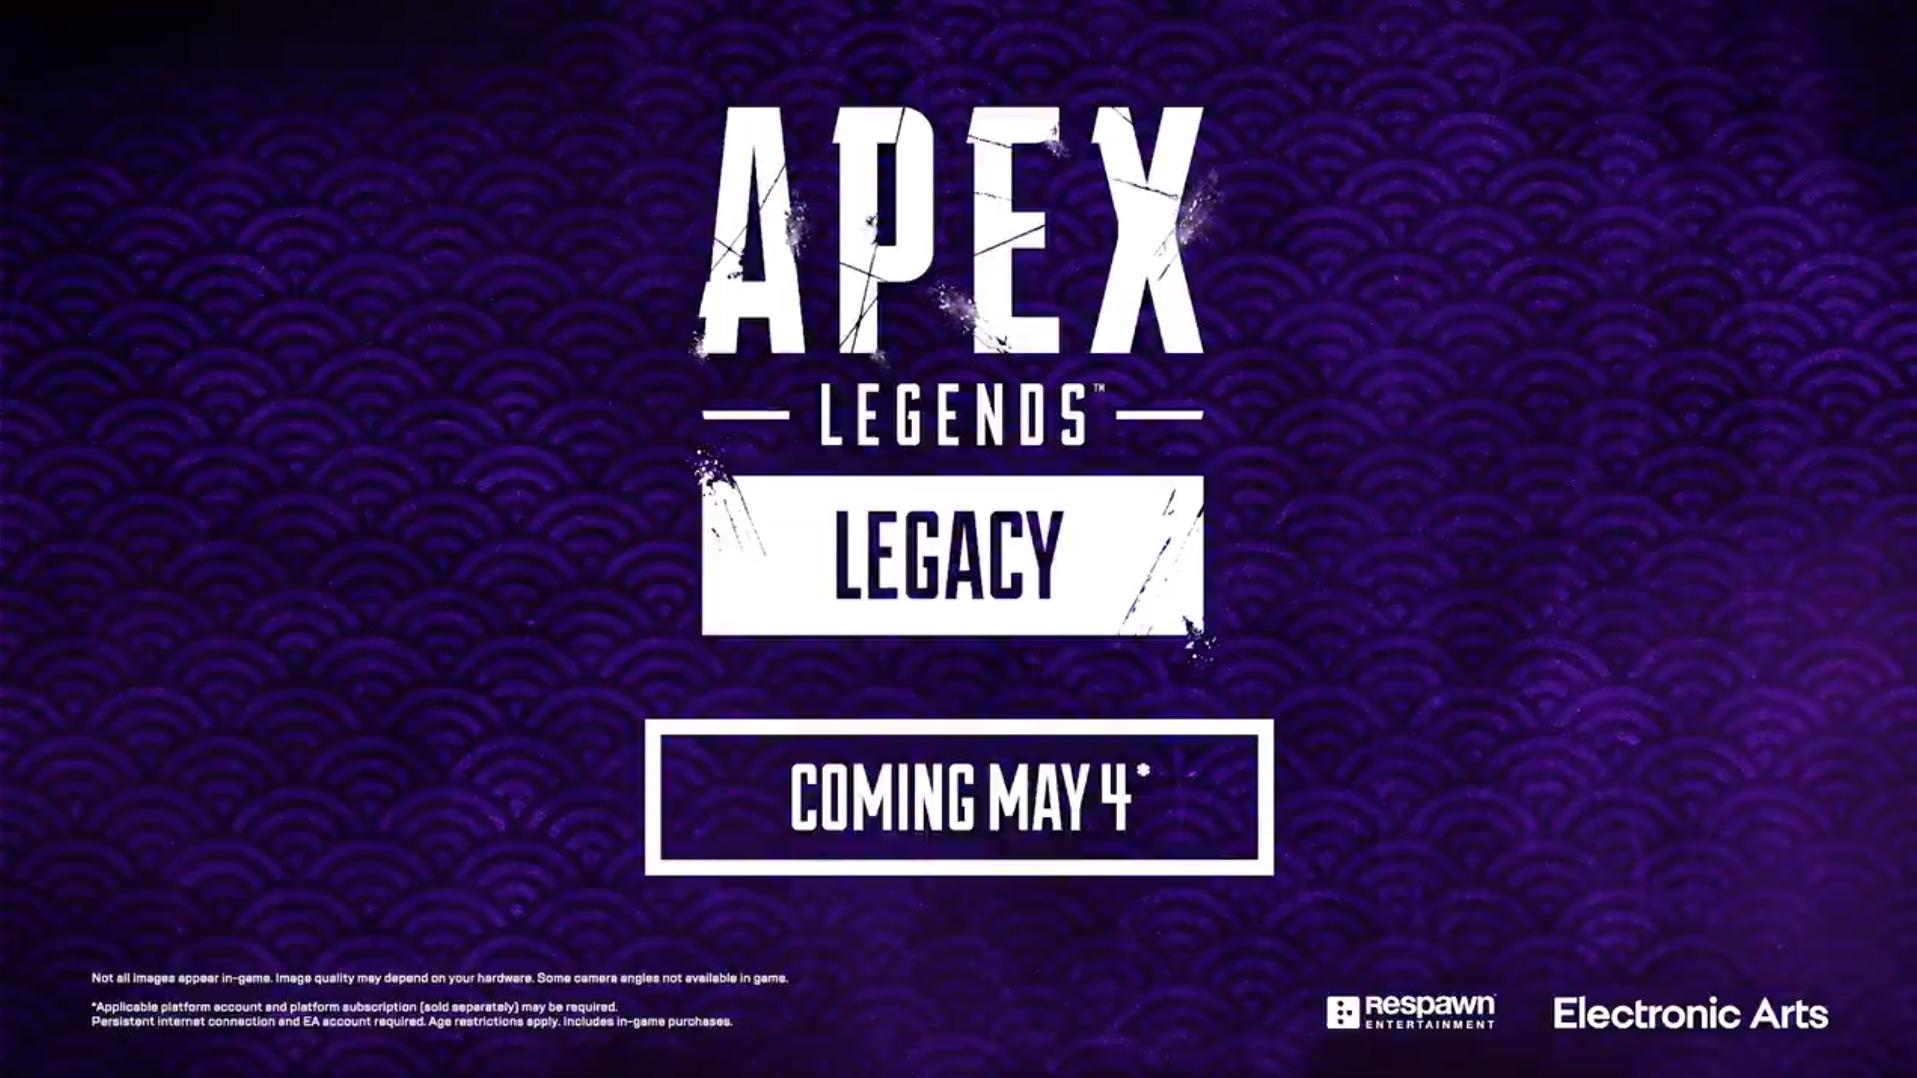 【Apex Legends】レガシー(シーズン9) はいつから?【エーペックスレジェンズ】